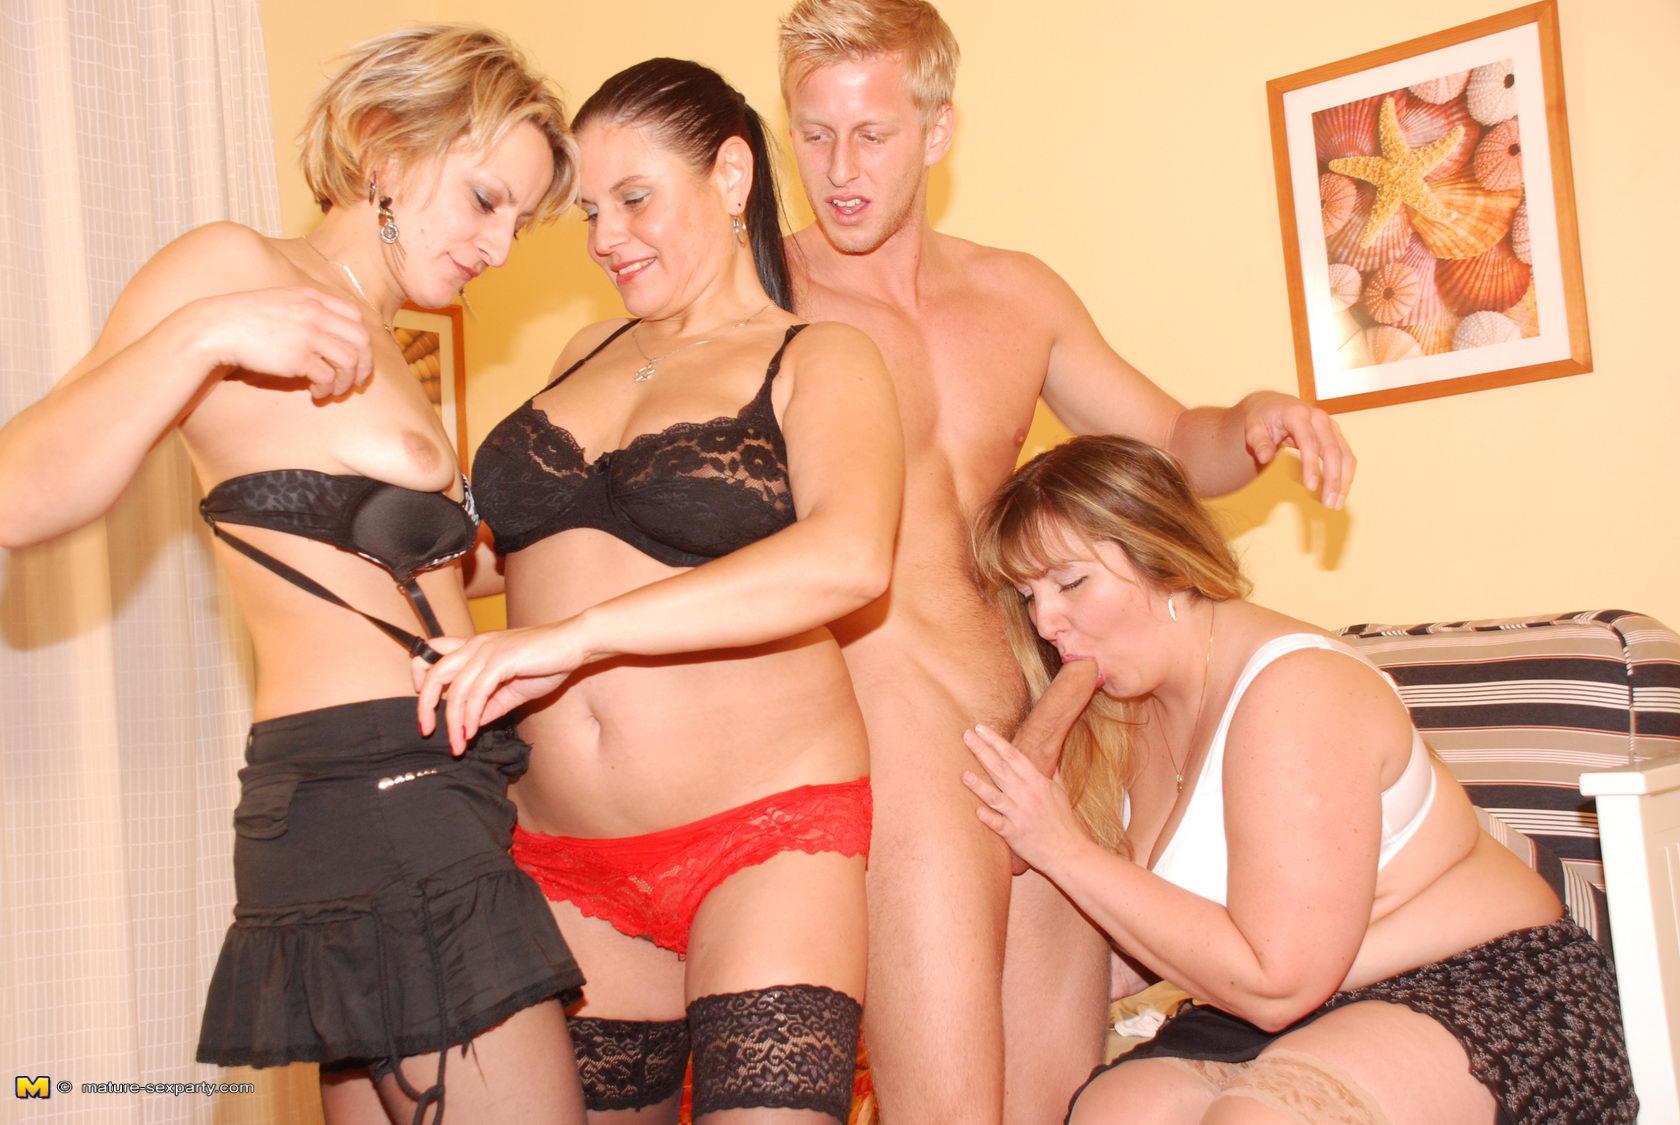 http://images.maturelovesporn.com/165/10515/b48f97cb3d6e2f51b7aff3f19d0b296e/04.jpg